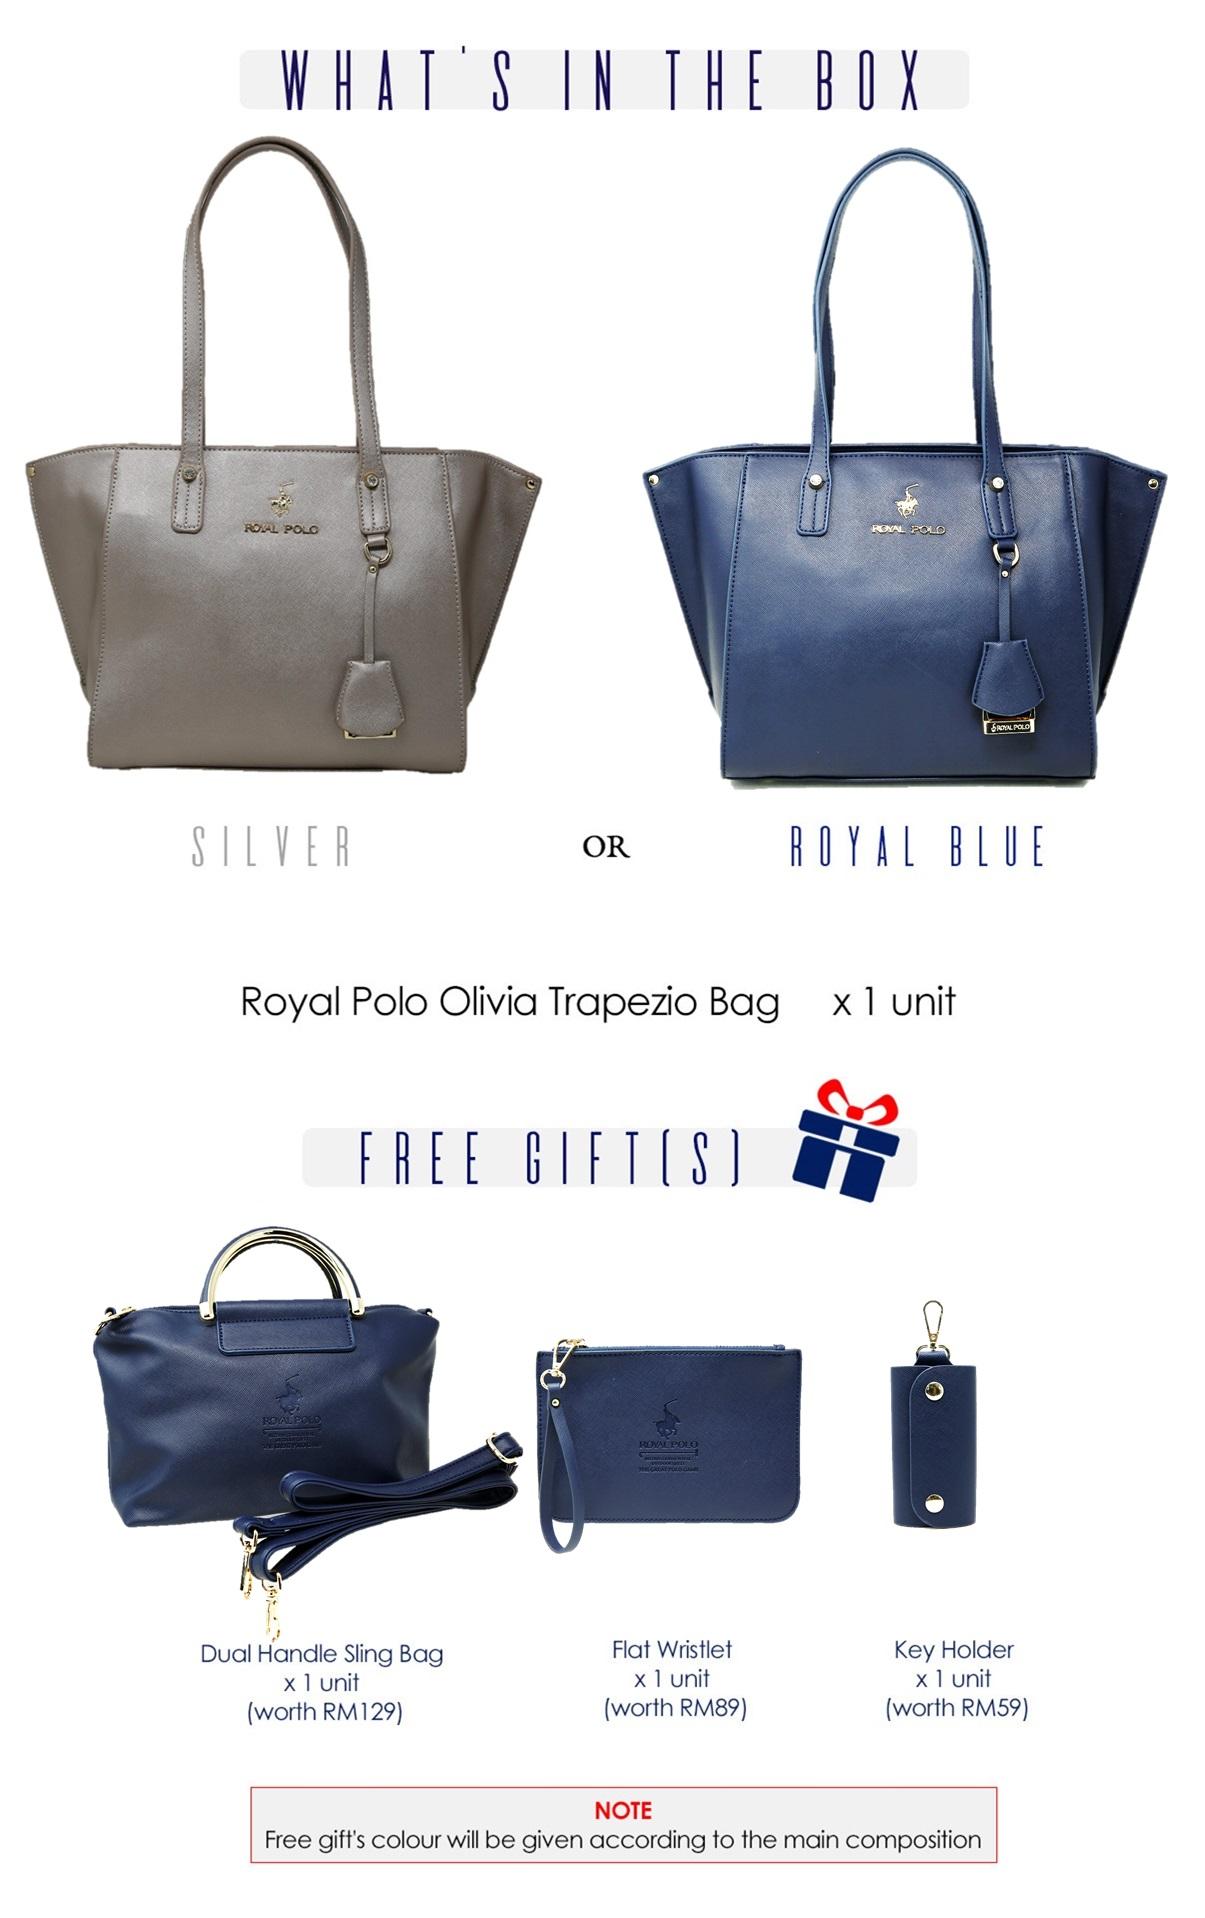 698a4aa1f4c7 Royal Polo Olivia Trapezio Bag